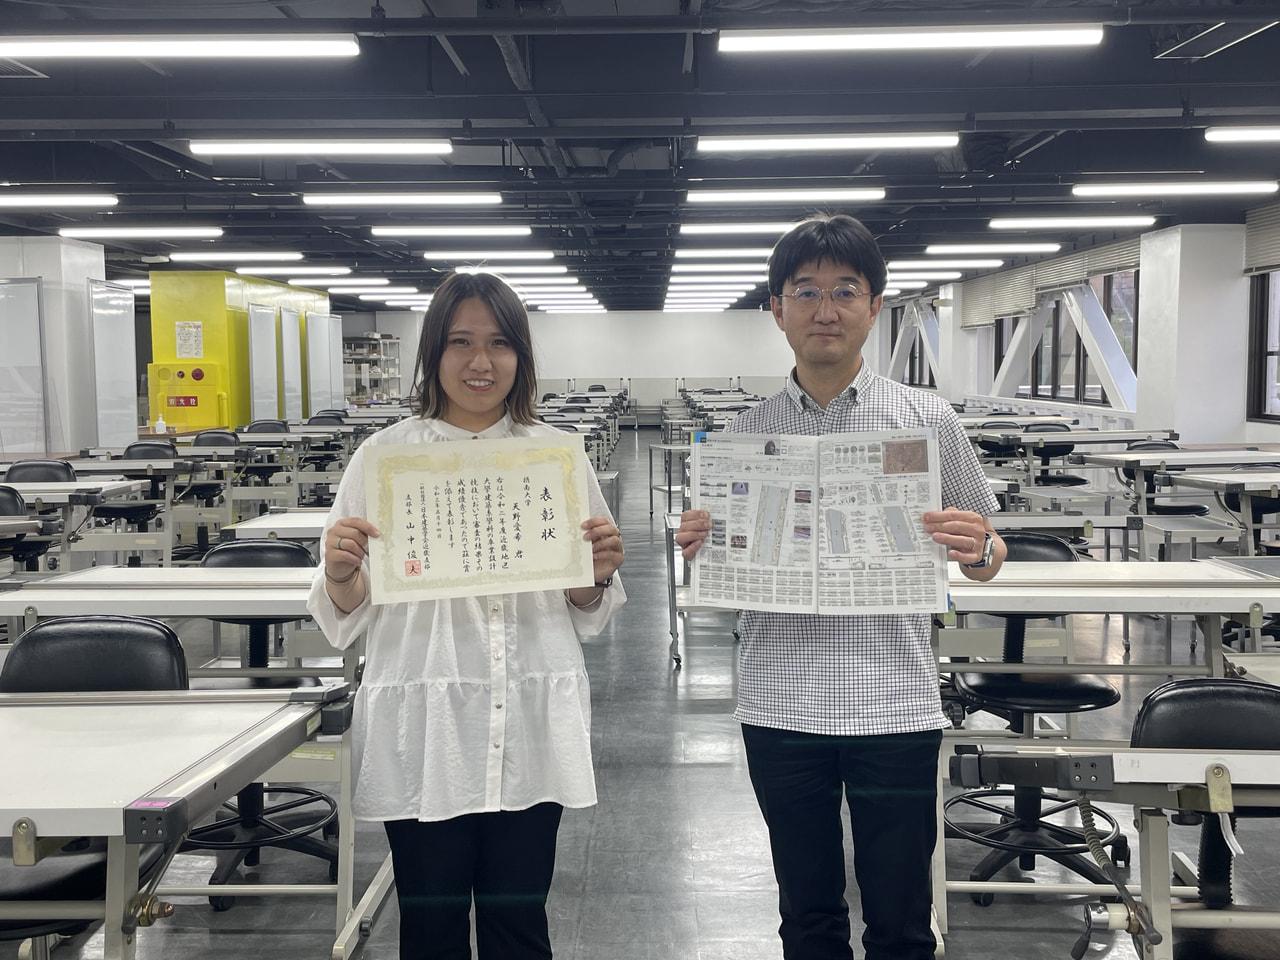 社会開発工学専攻1年 天野愛希さんが「第75回近畿地区大学建築系学科卒業設計コンクール」で入選しました